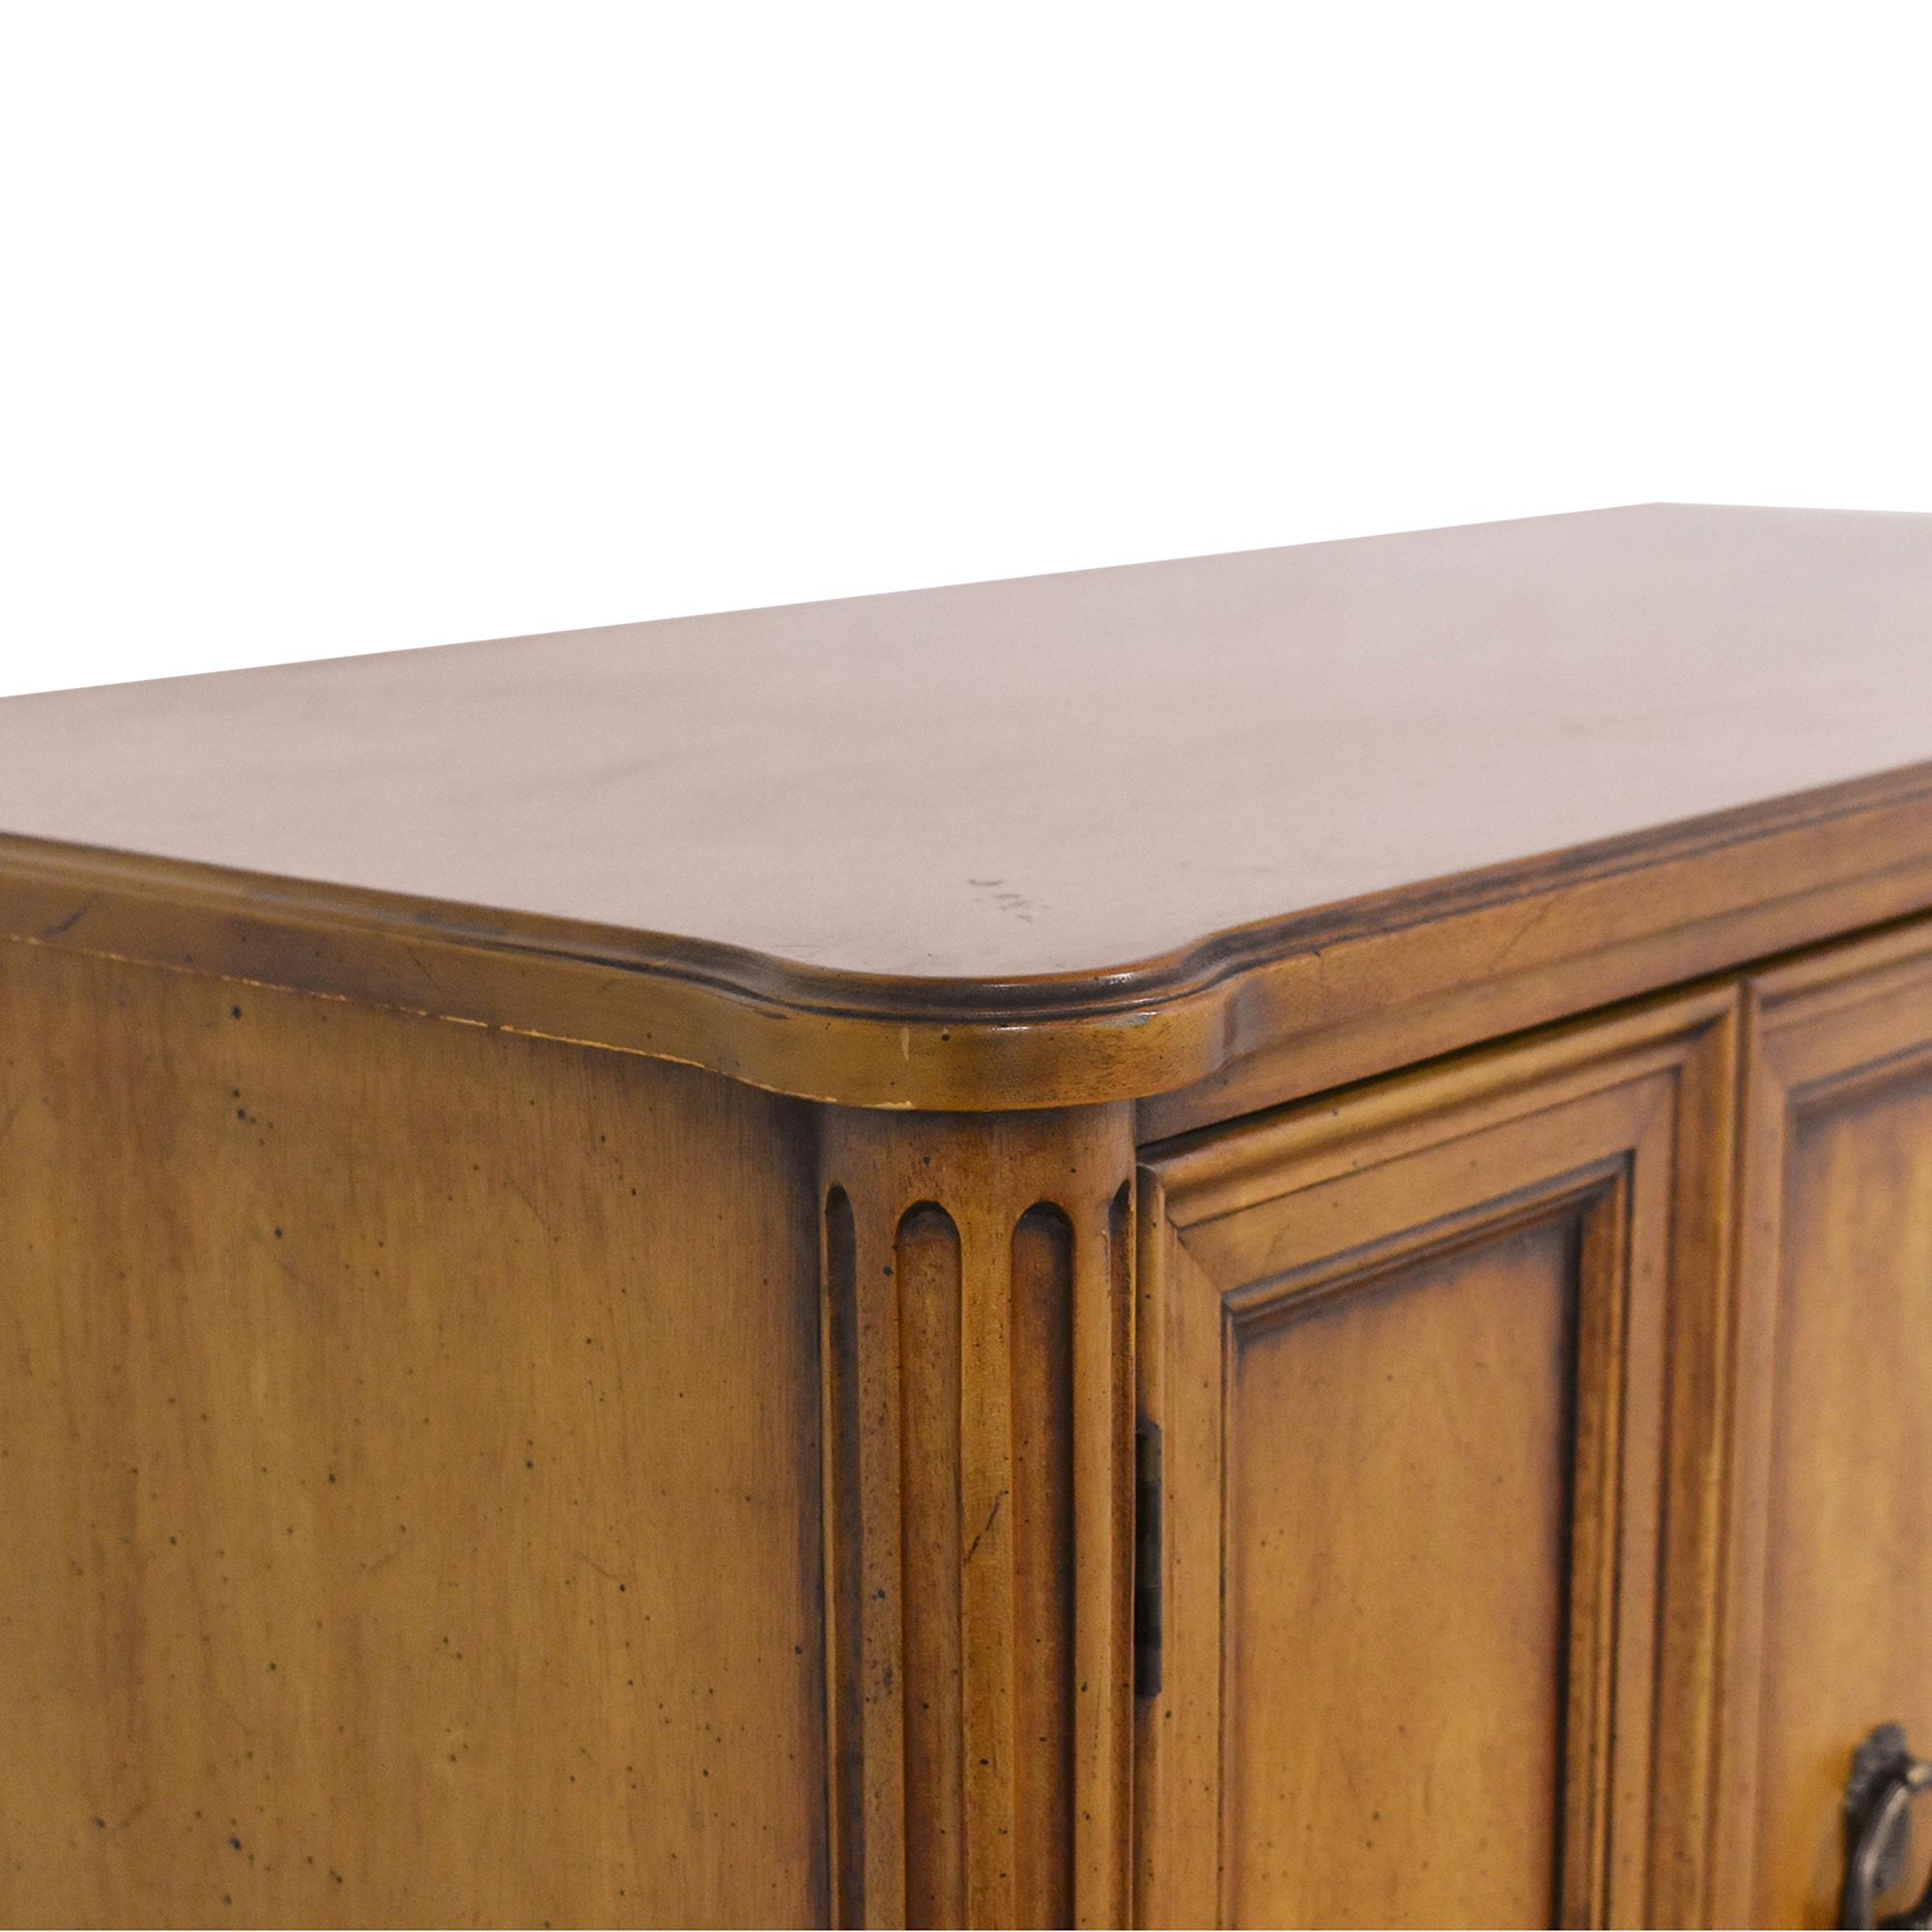 Henredon Furniture Two Door Armoire sale